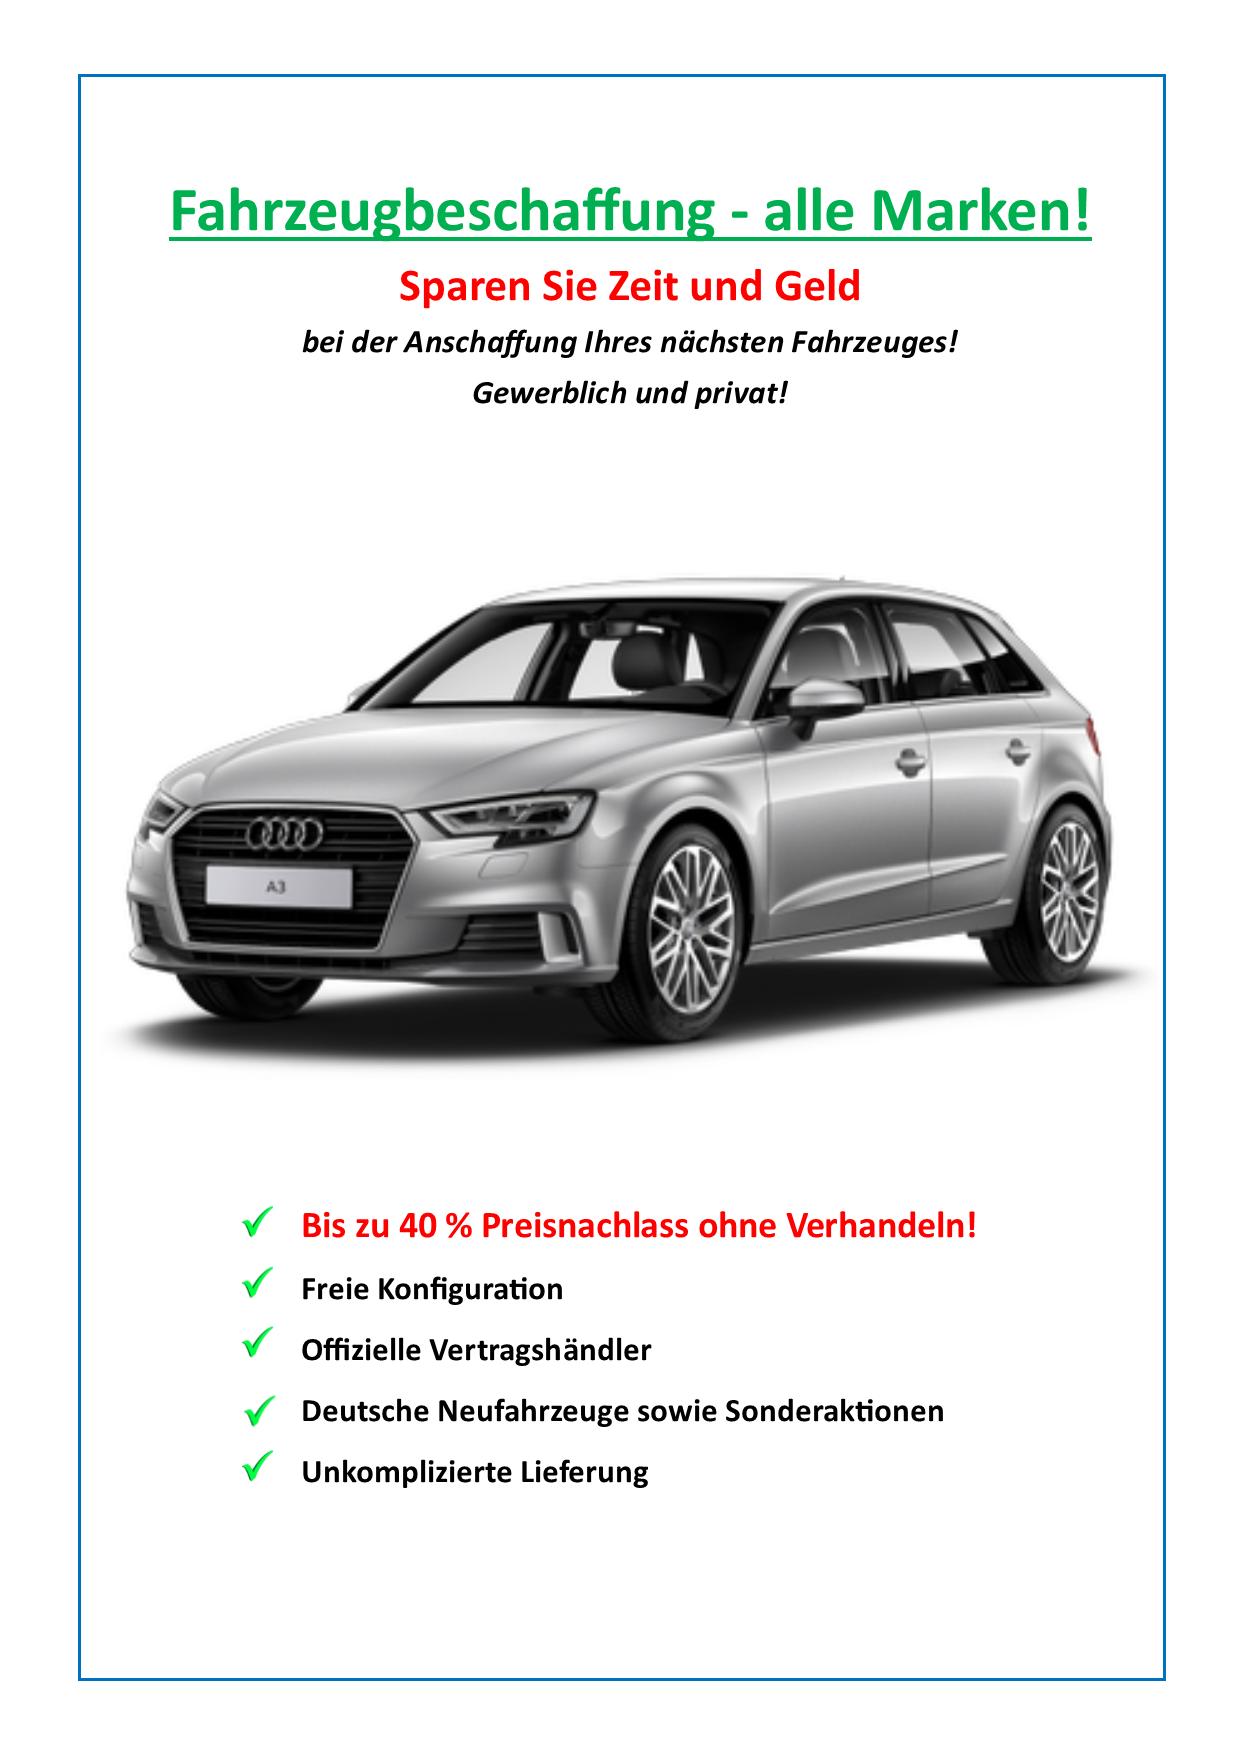 Fahrzeugbeschaffung – Infografik – bis zu 40% Preisnachlass